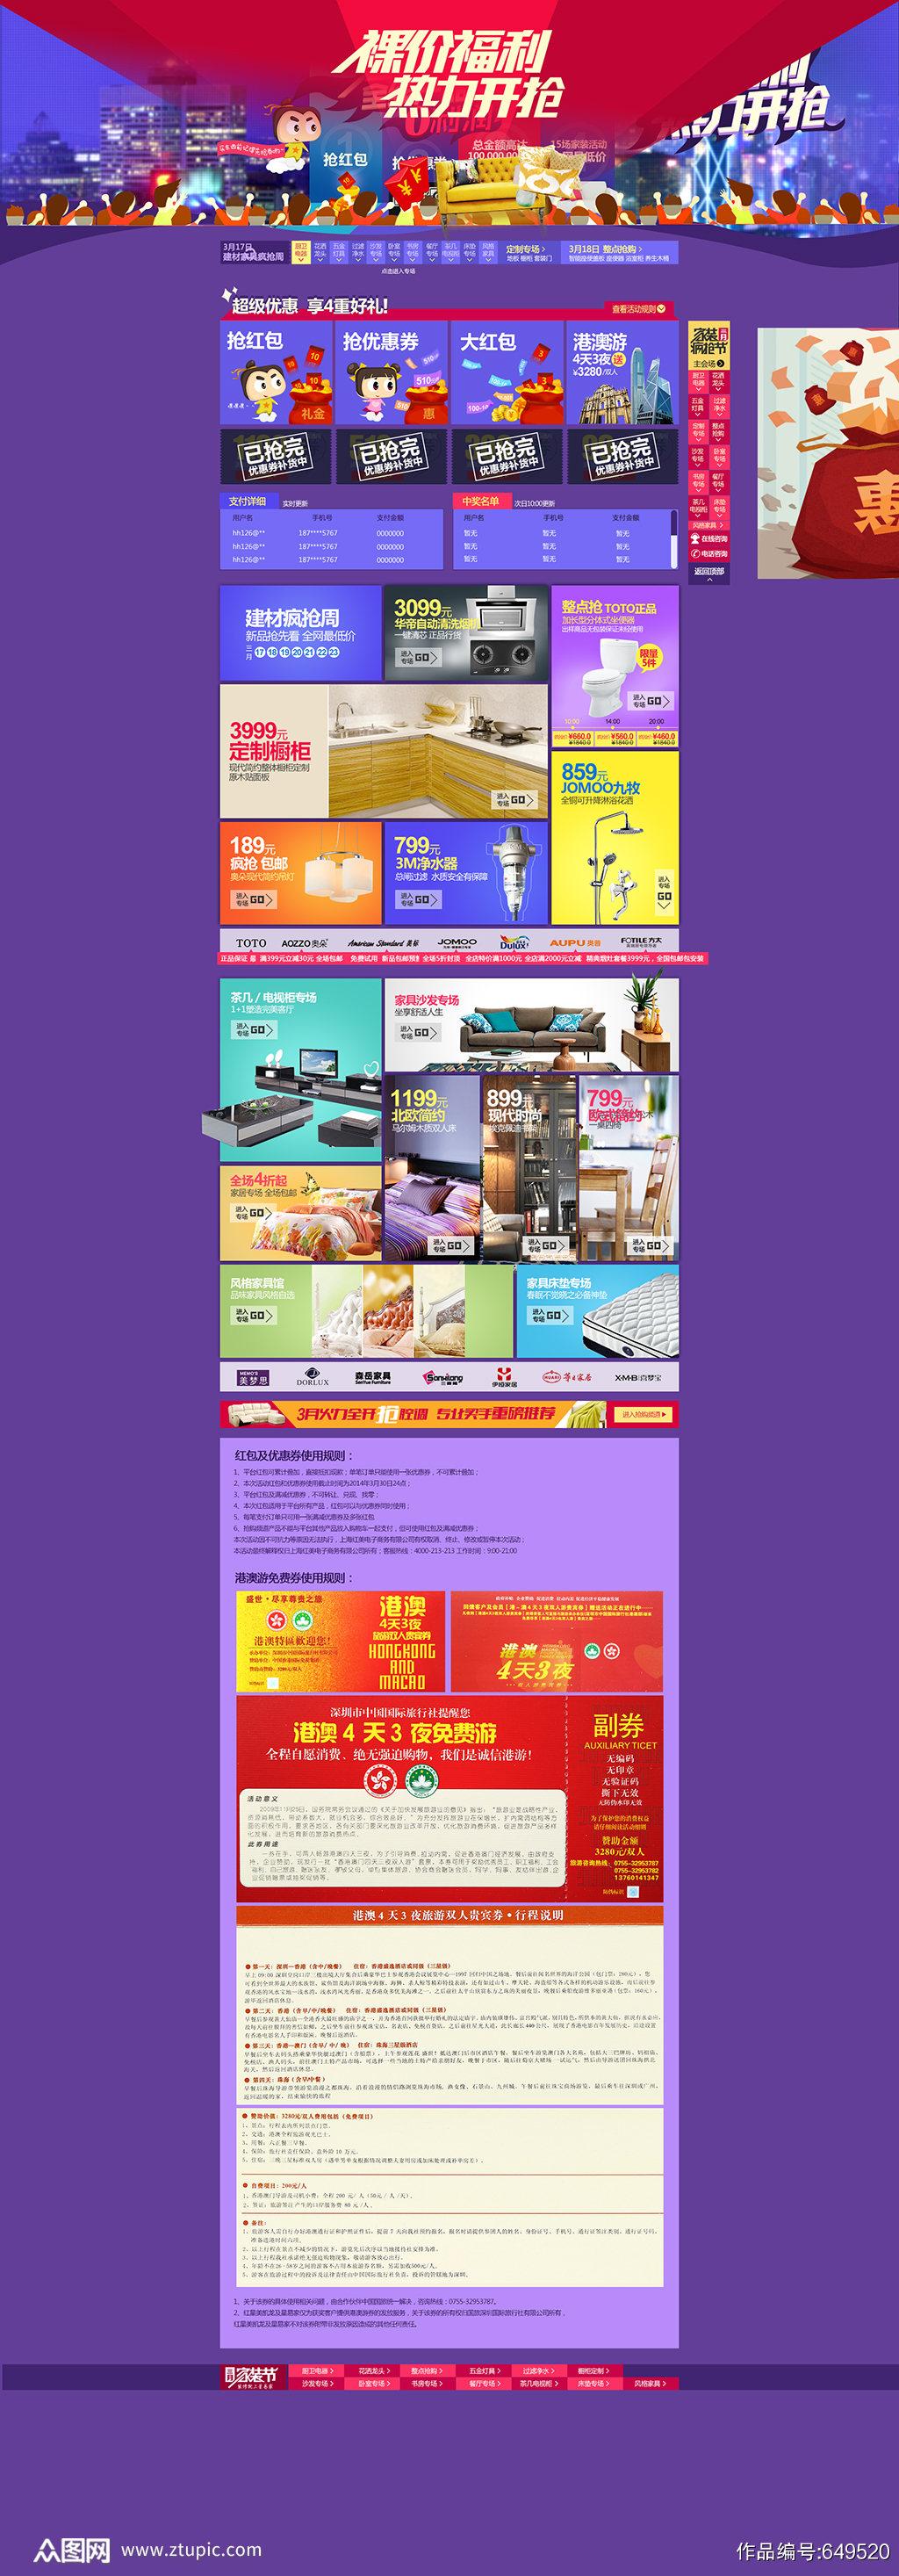 双十一活动促销首页设计素材